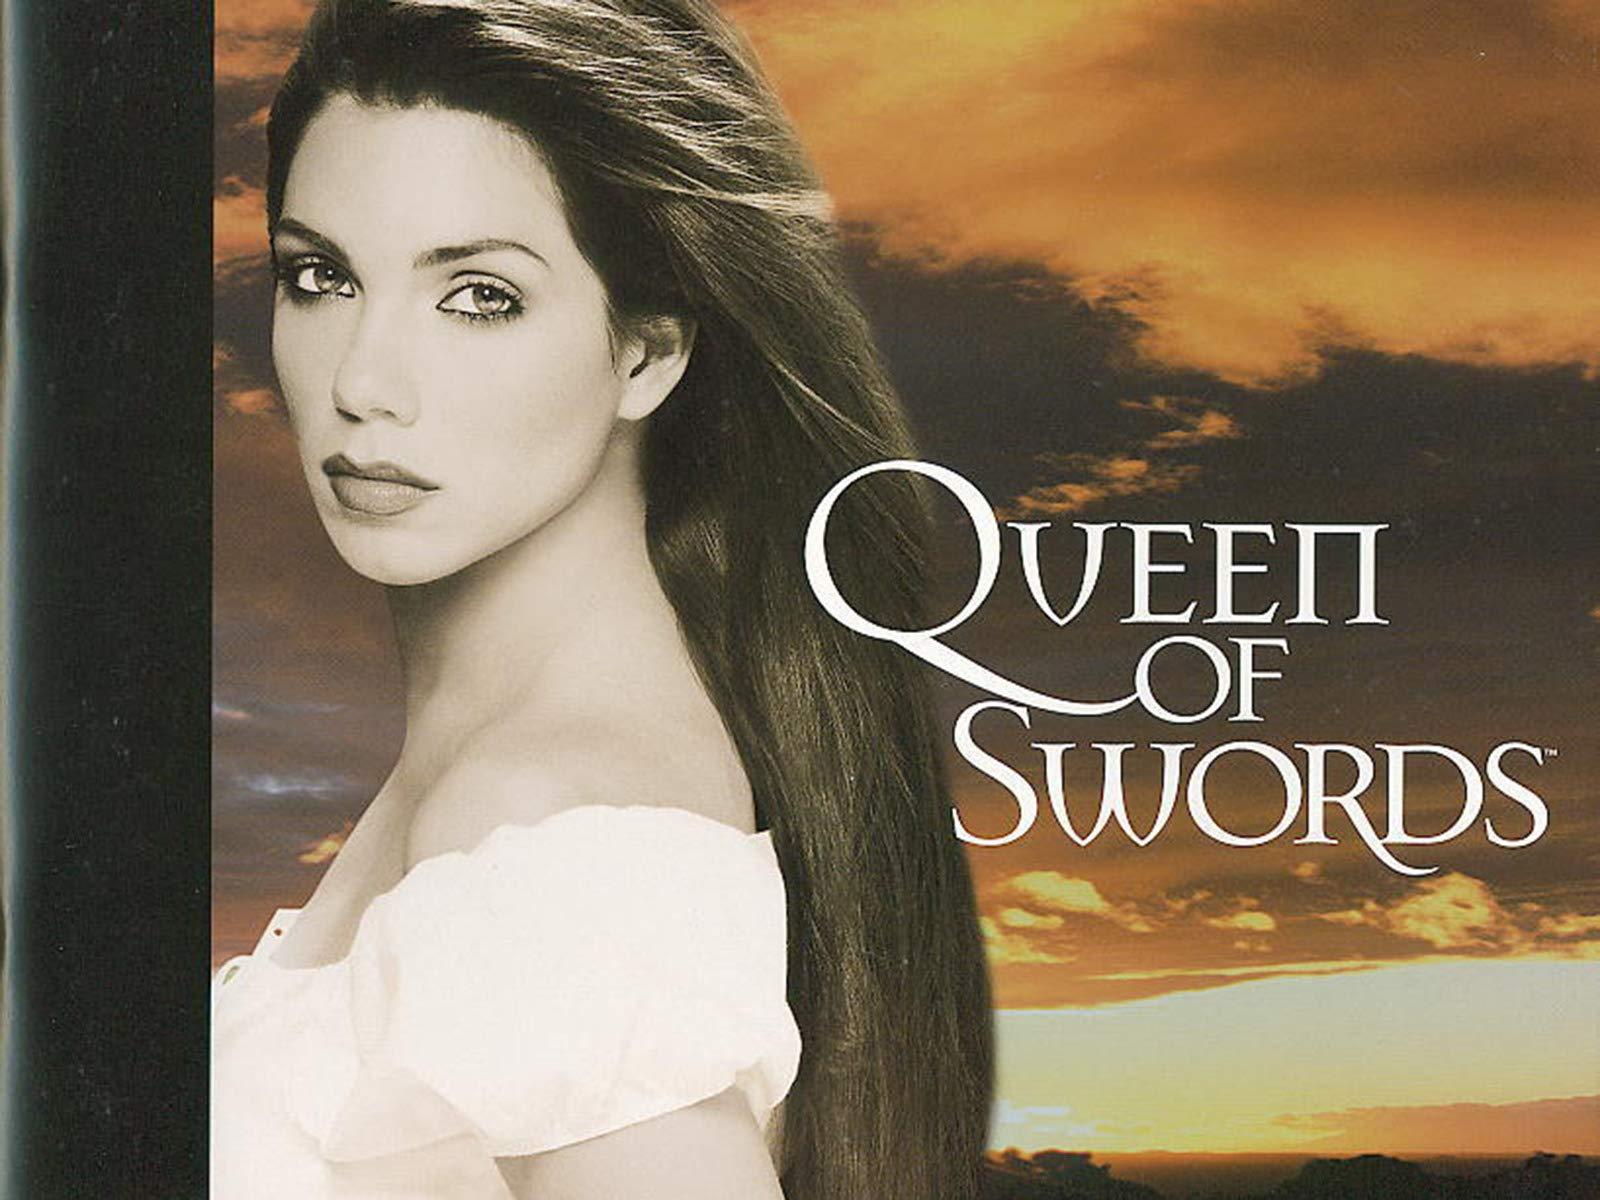 Queen of Swords - Season 1